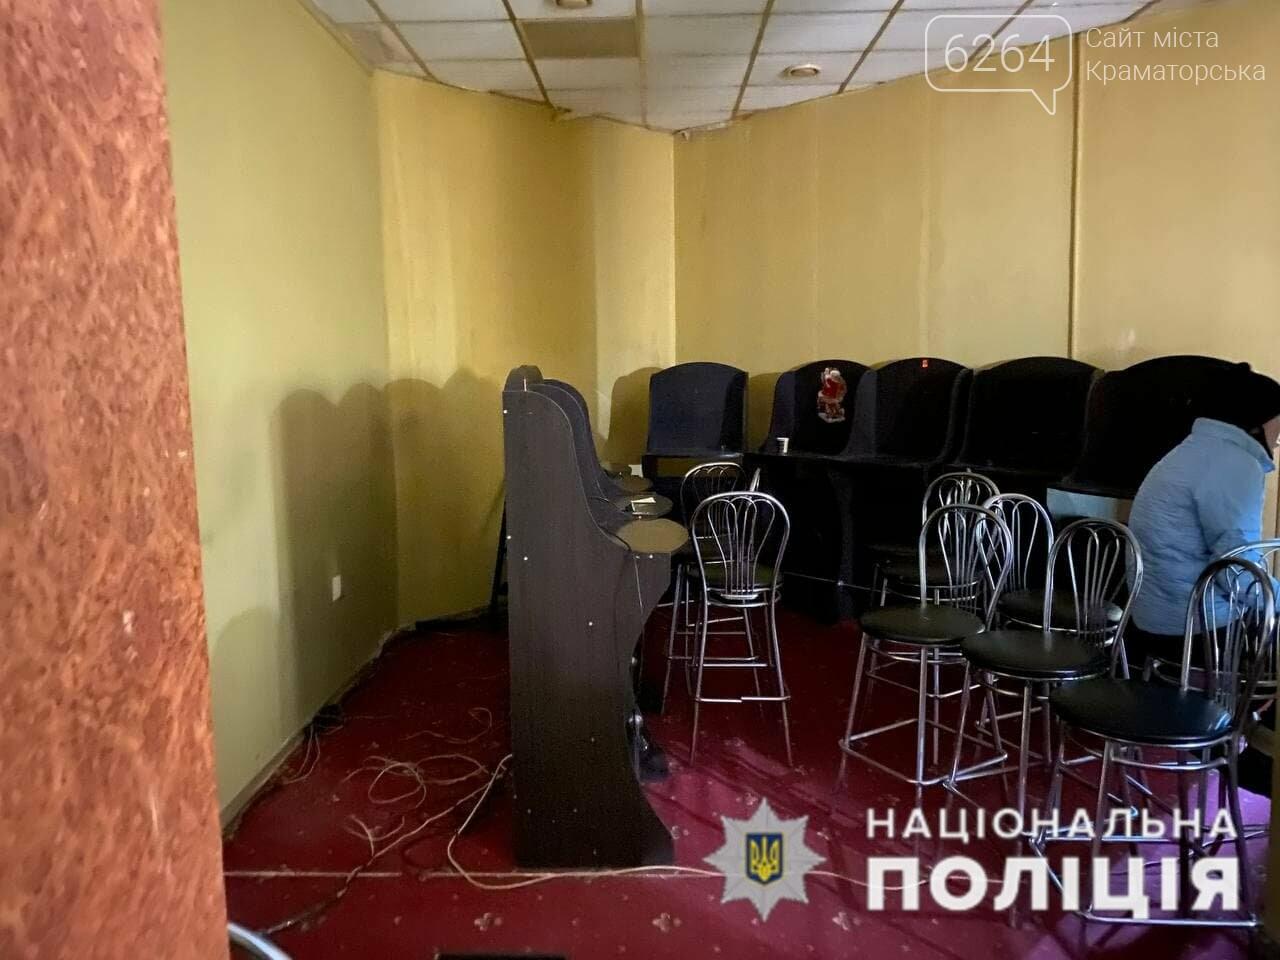 Поліцейські Краматорська задокументували незаконну діяльність грального закладу, фото-2